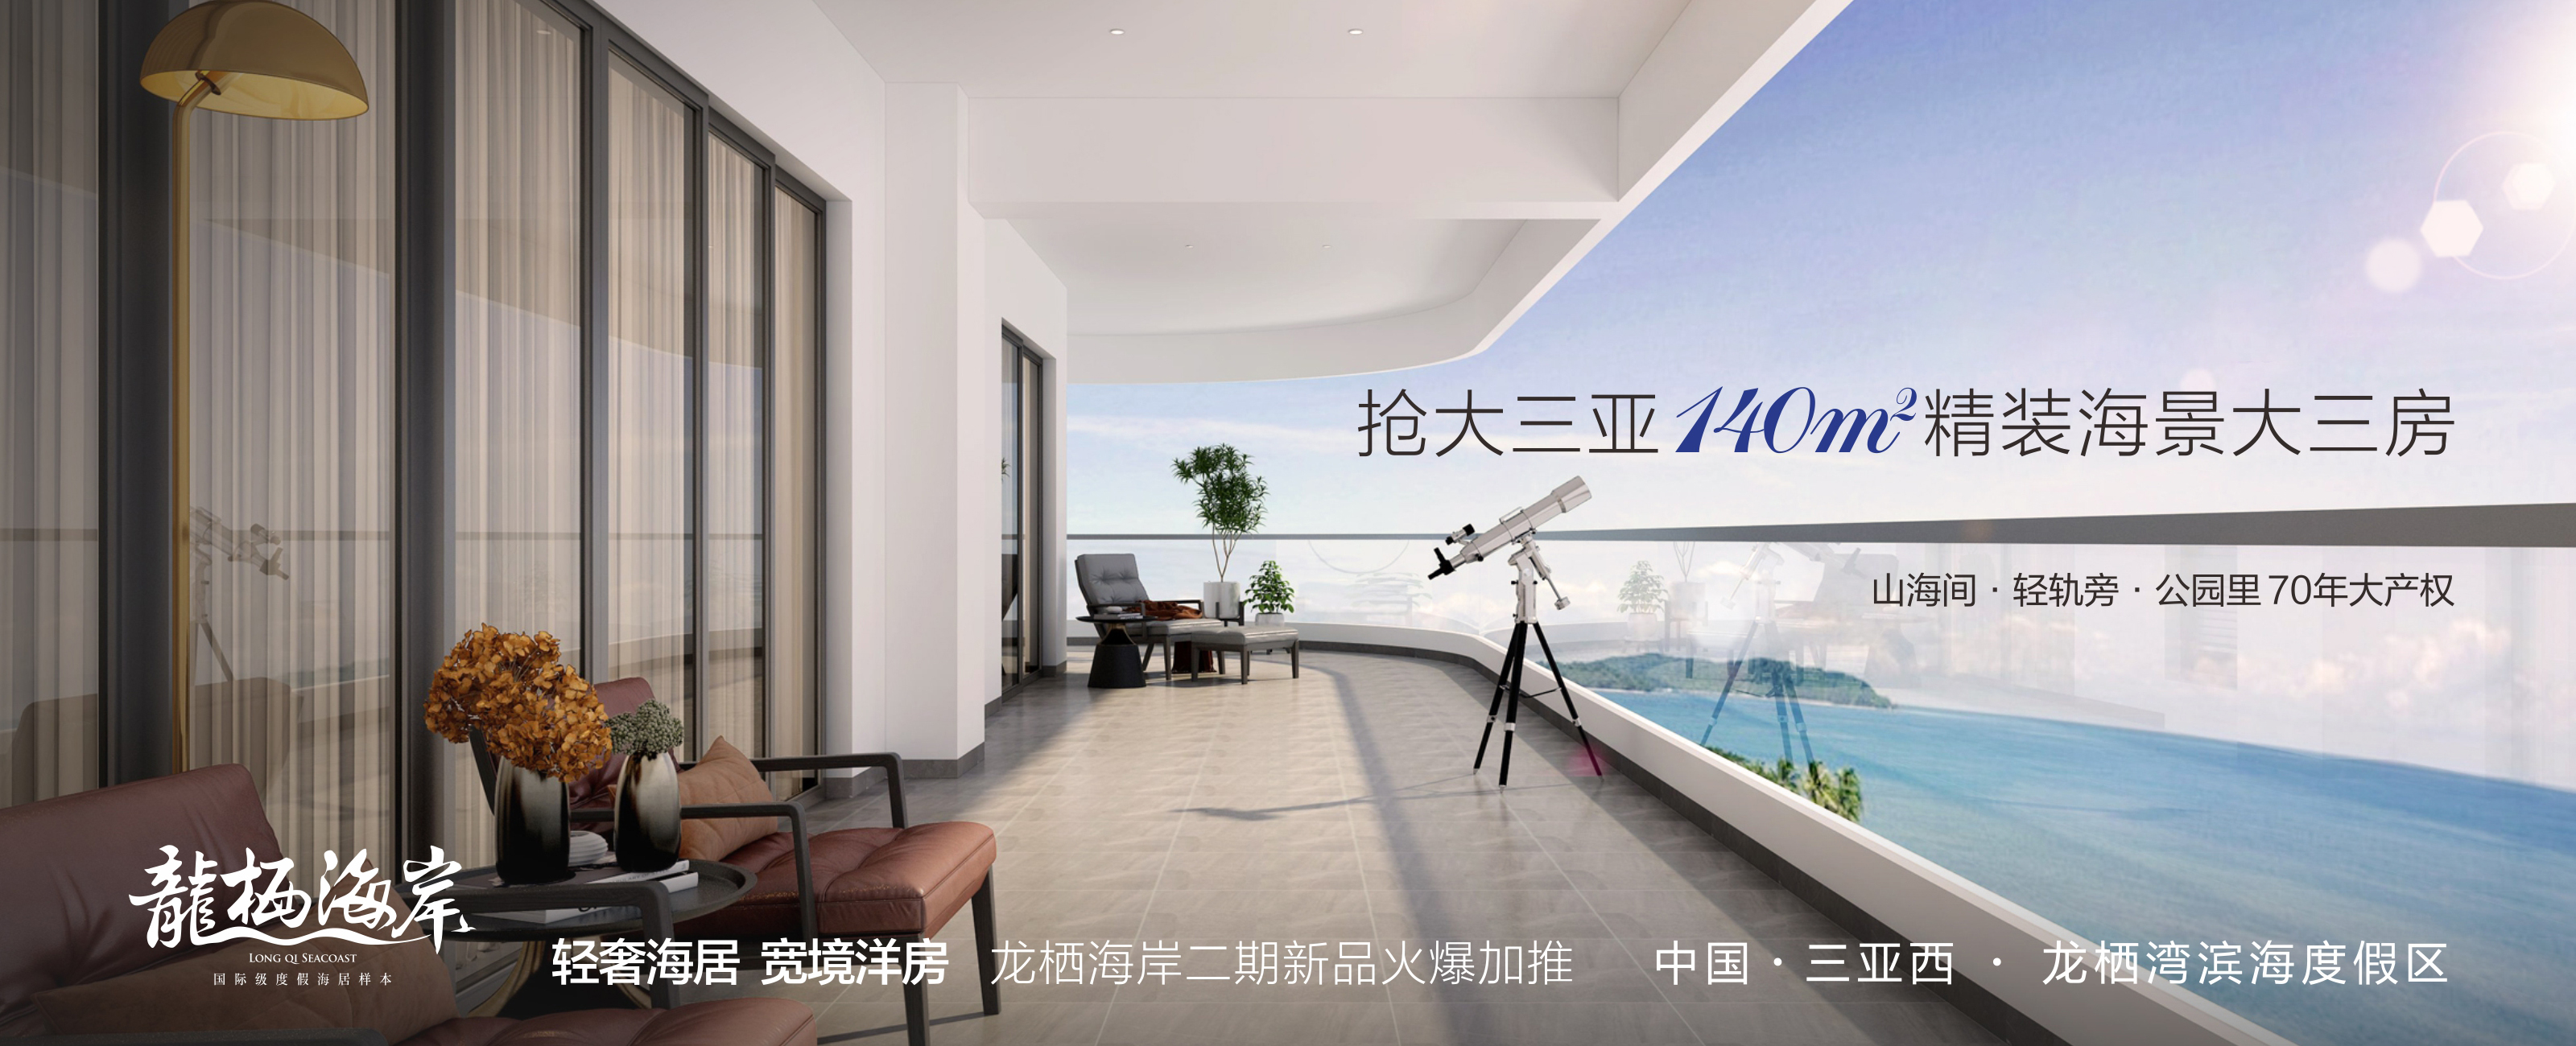 海南房产网龙栖海岸宣传图